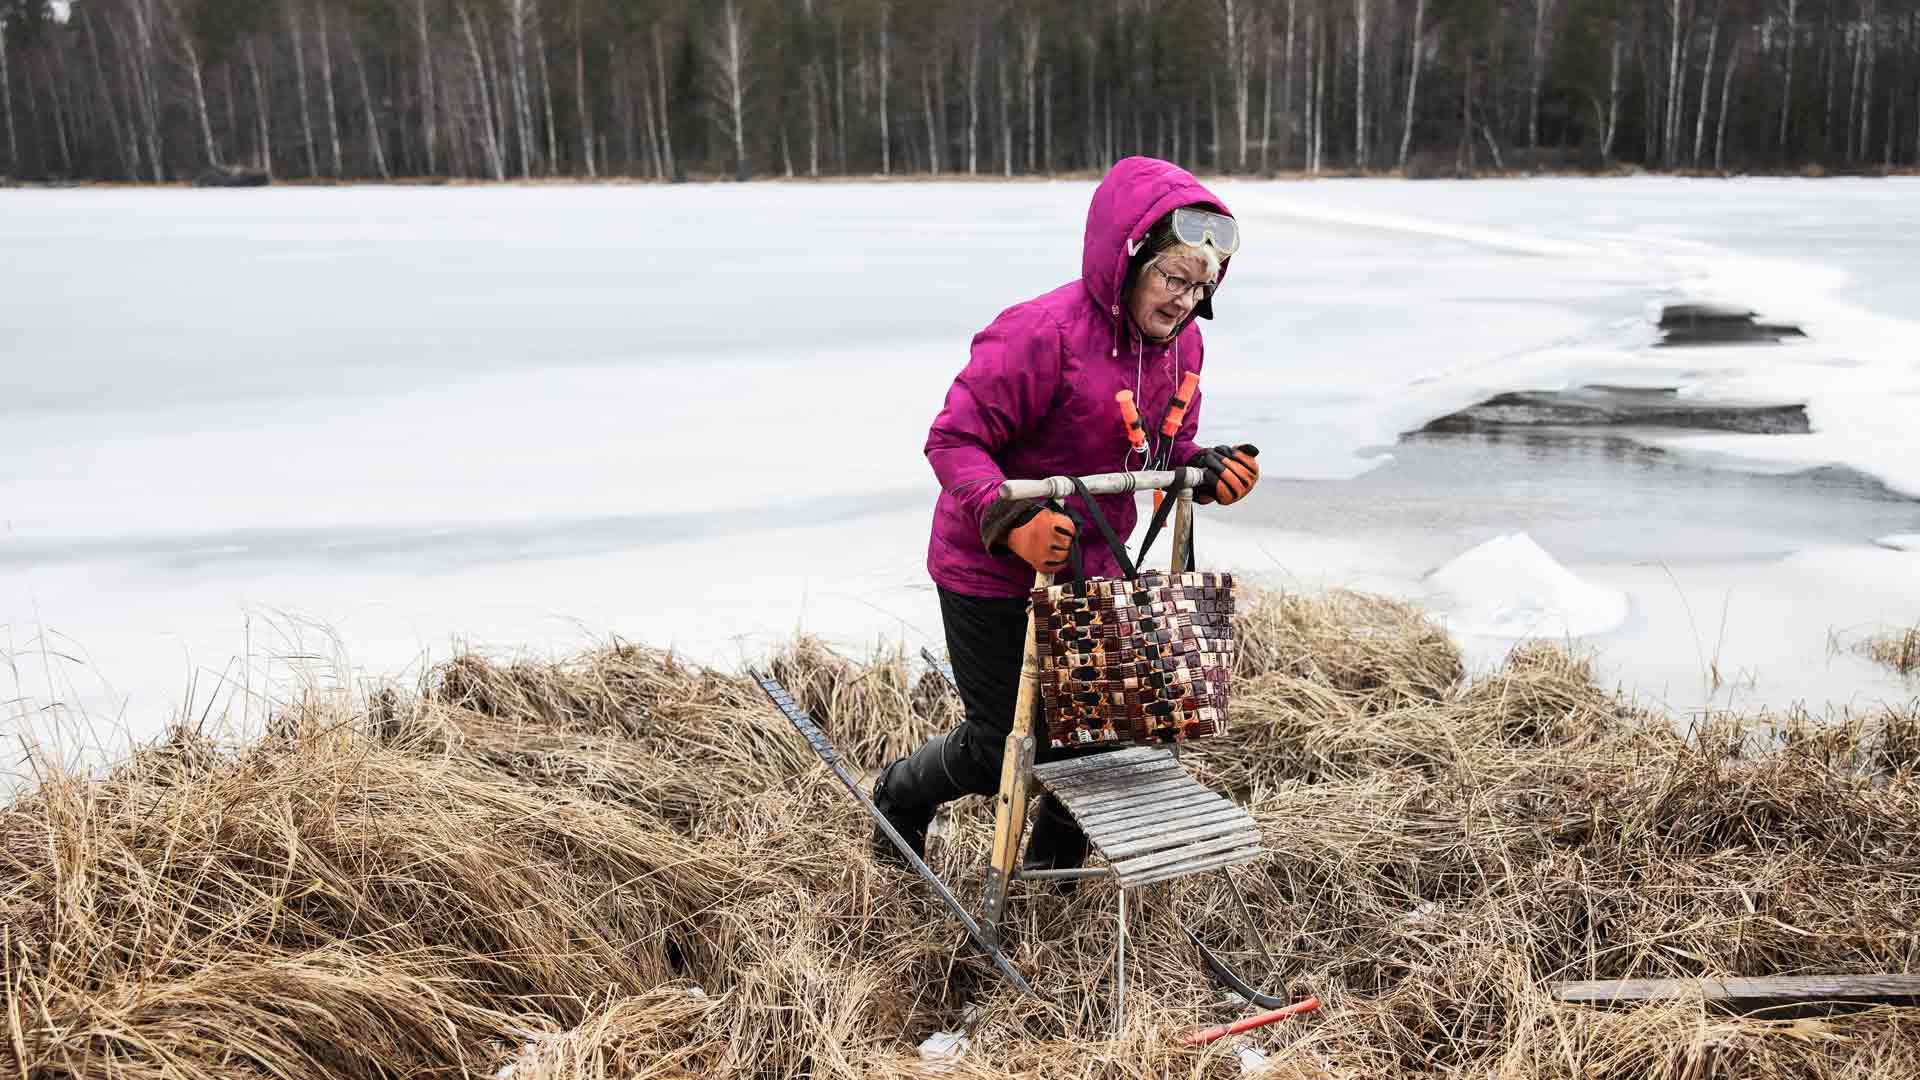 Marjatta Hämäläinen liikkuu jäällä yleensä potkukelkalla. Kuvautimme Marjatan juuri ennen koronakaranteenien alkua.